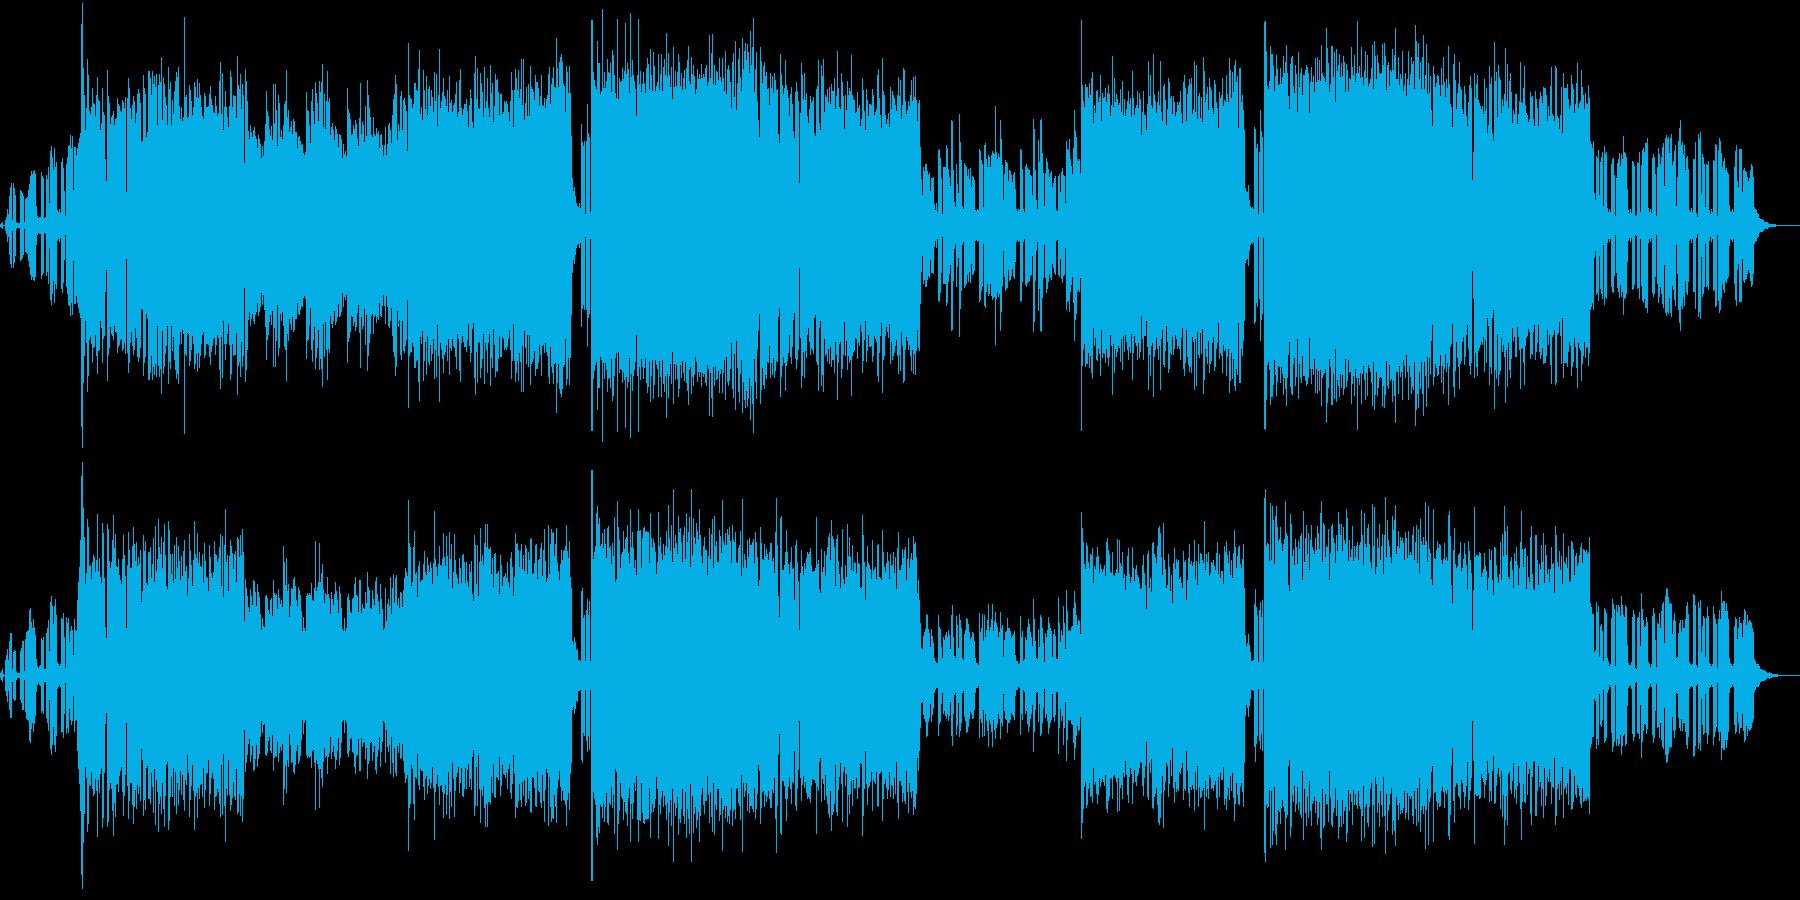 シンセが印象的なEDM系ロックの再生済みの波形